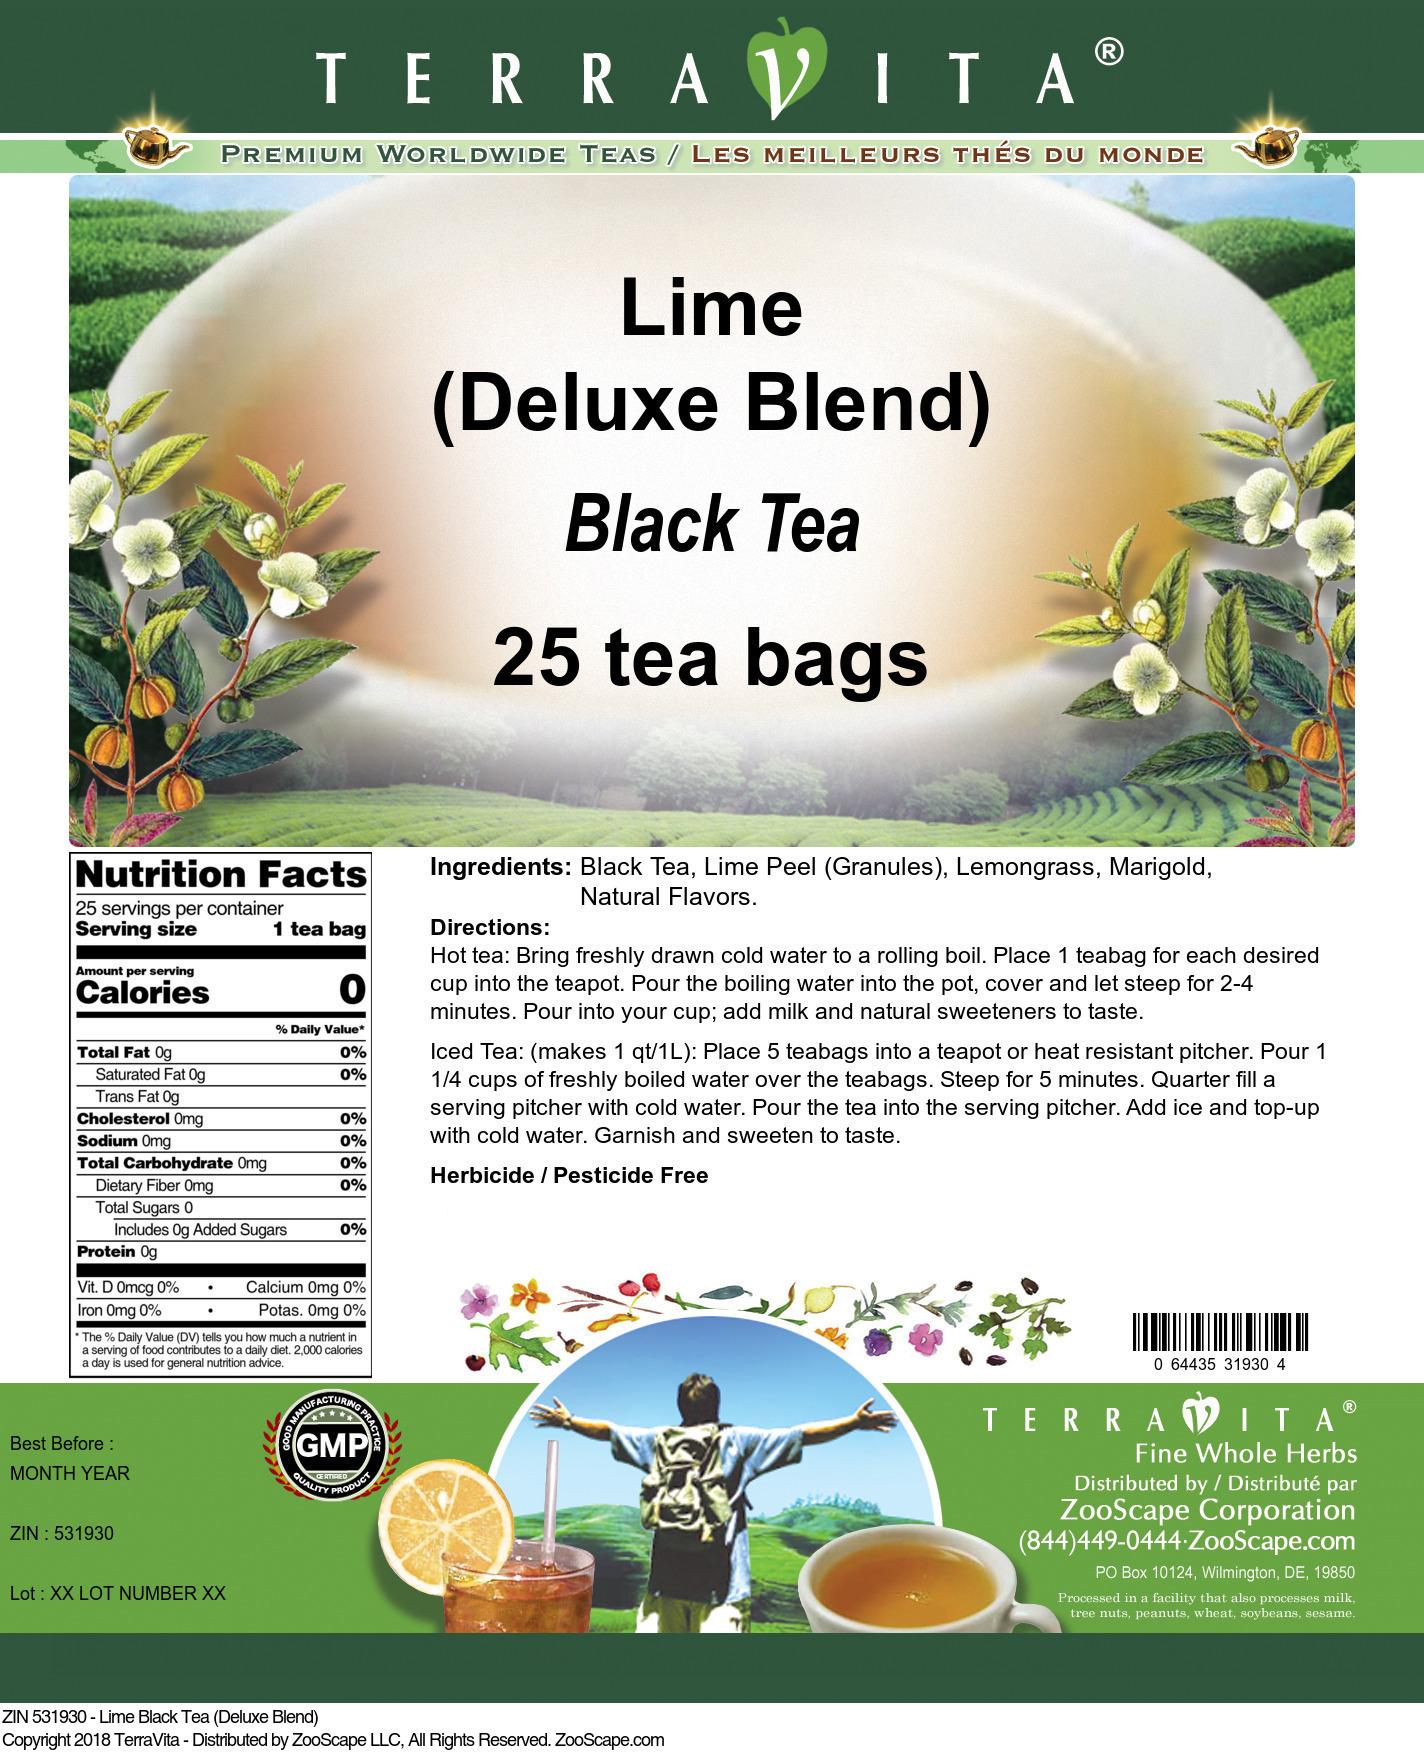 Lime Black Tea (Deluxe Blend)